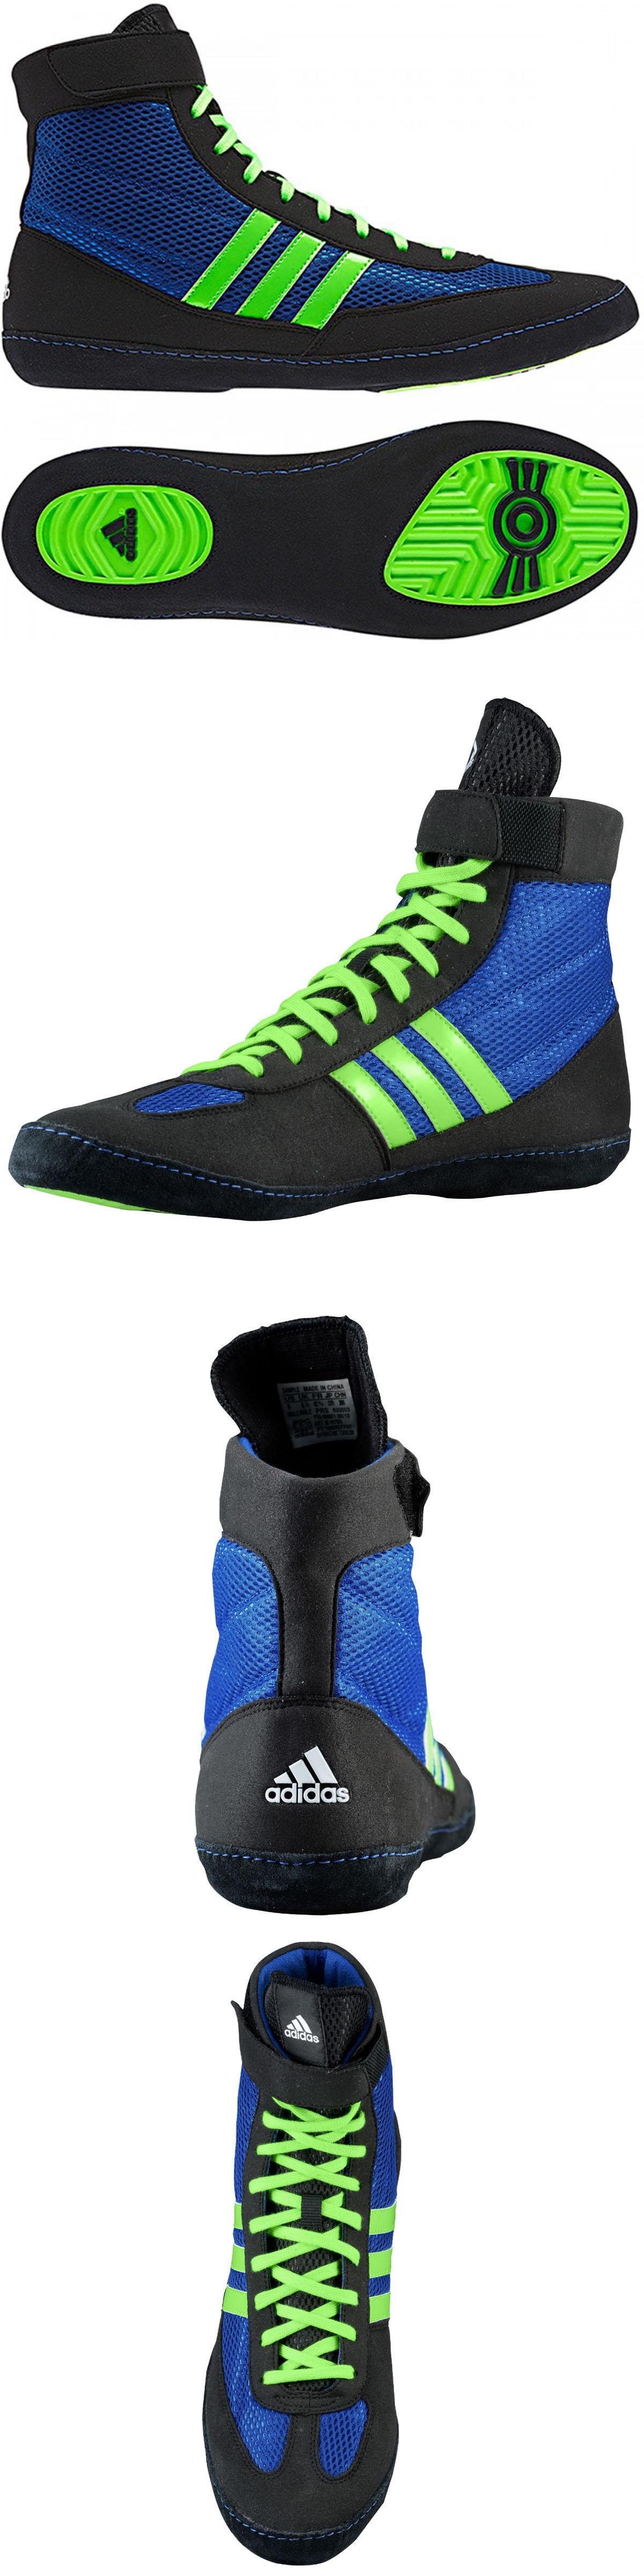 Calzado: adidas agencia 79799 velocidad 4 zapatos de lucha real / verde